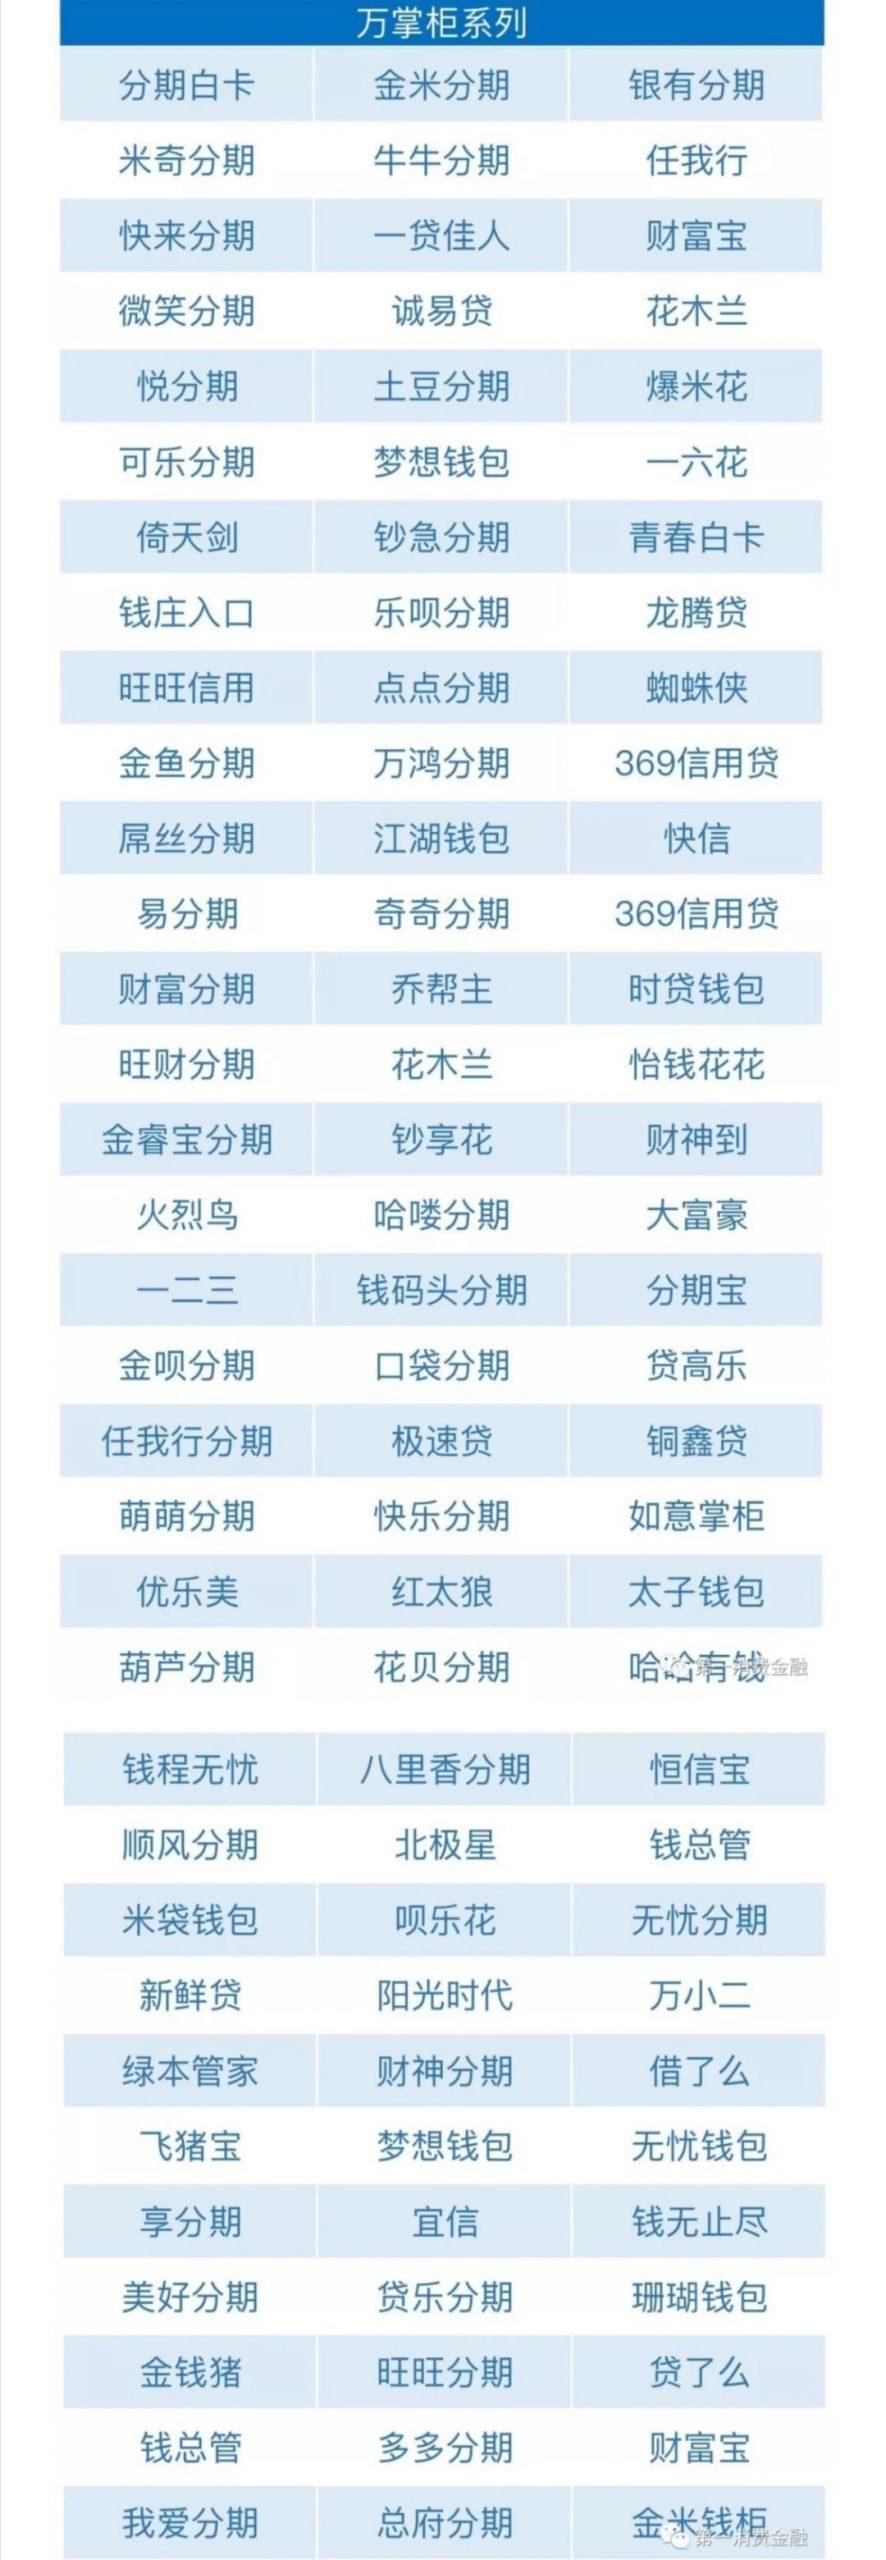 最全不用还的网贷名单(2020年10月19日更新)